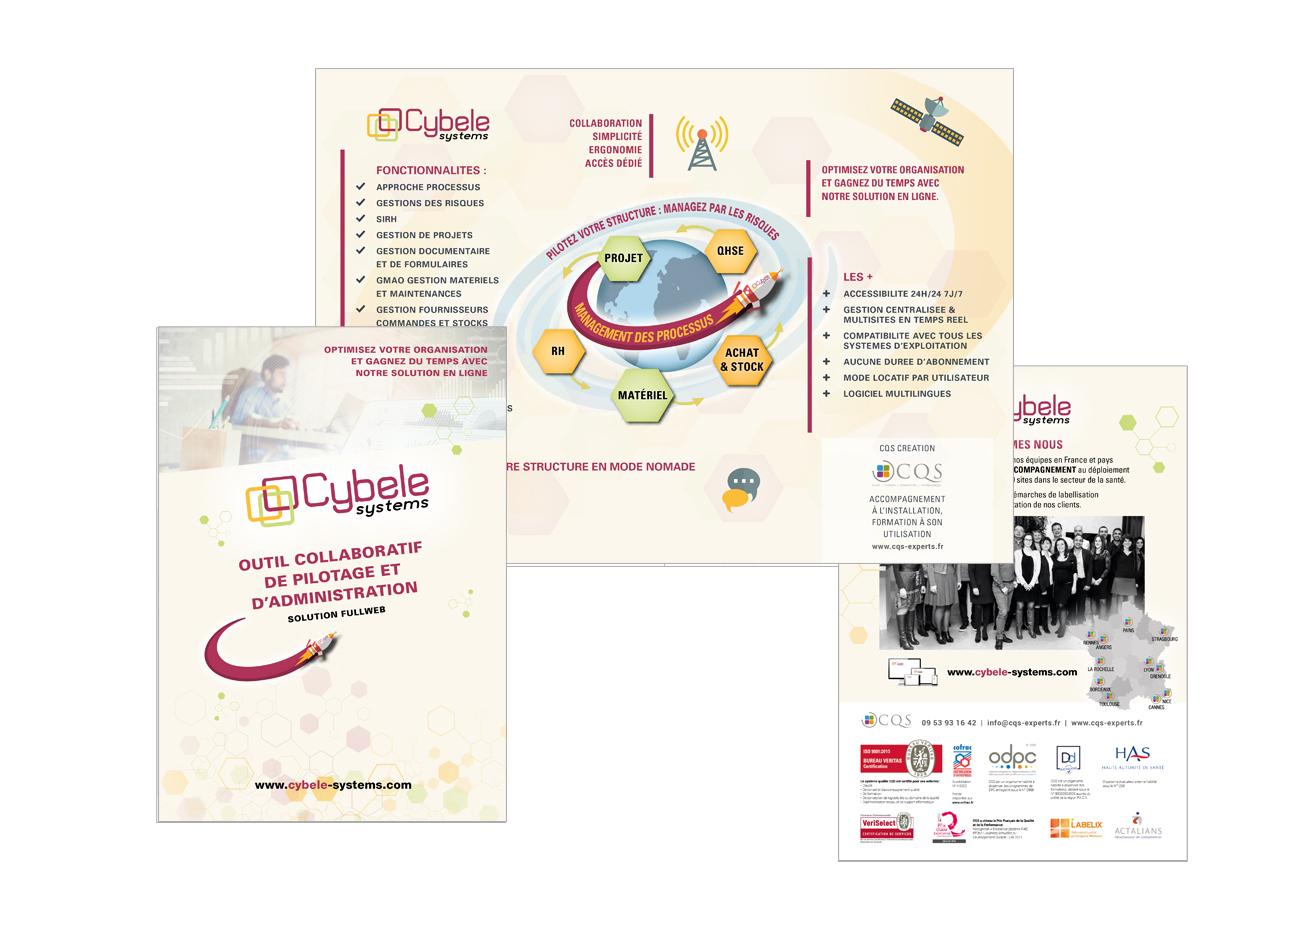 Flyer Cybele Systems LOGICIEL TOUT EN UN DE PILOTAGE DE VOTRE ENTREPRISE